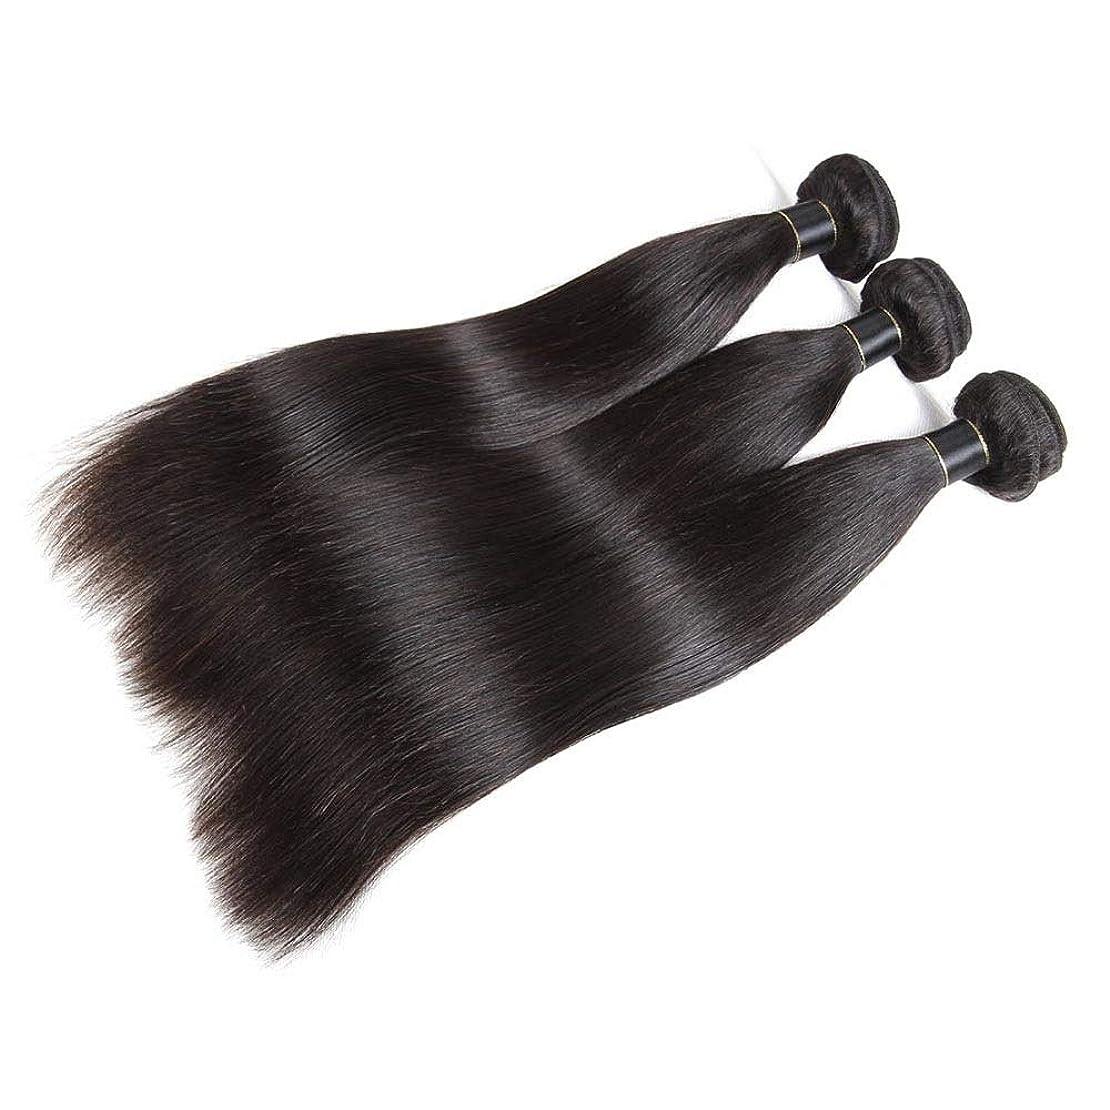 北東金銭的ファーザーファージュBOBIDYEE 絹のようなストレート人間の髪の束ストレートバージン人間の髪の織り方エクステンションナチュラルブラック(10インチ-26インチ)女性用合成かつらレースかつらロールプレイングかつら (色 : 黒, サイズ : 18 inch)